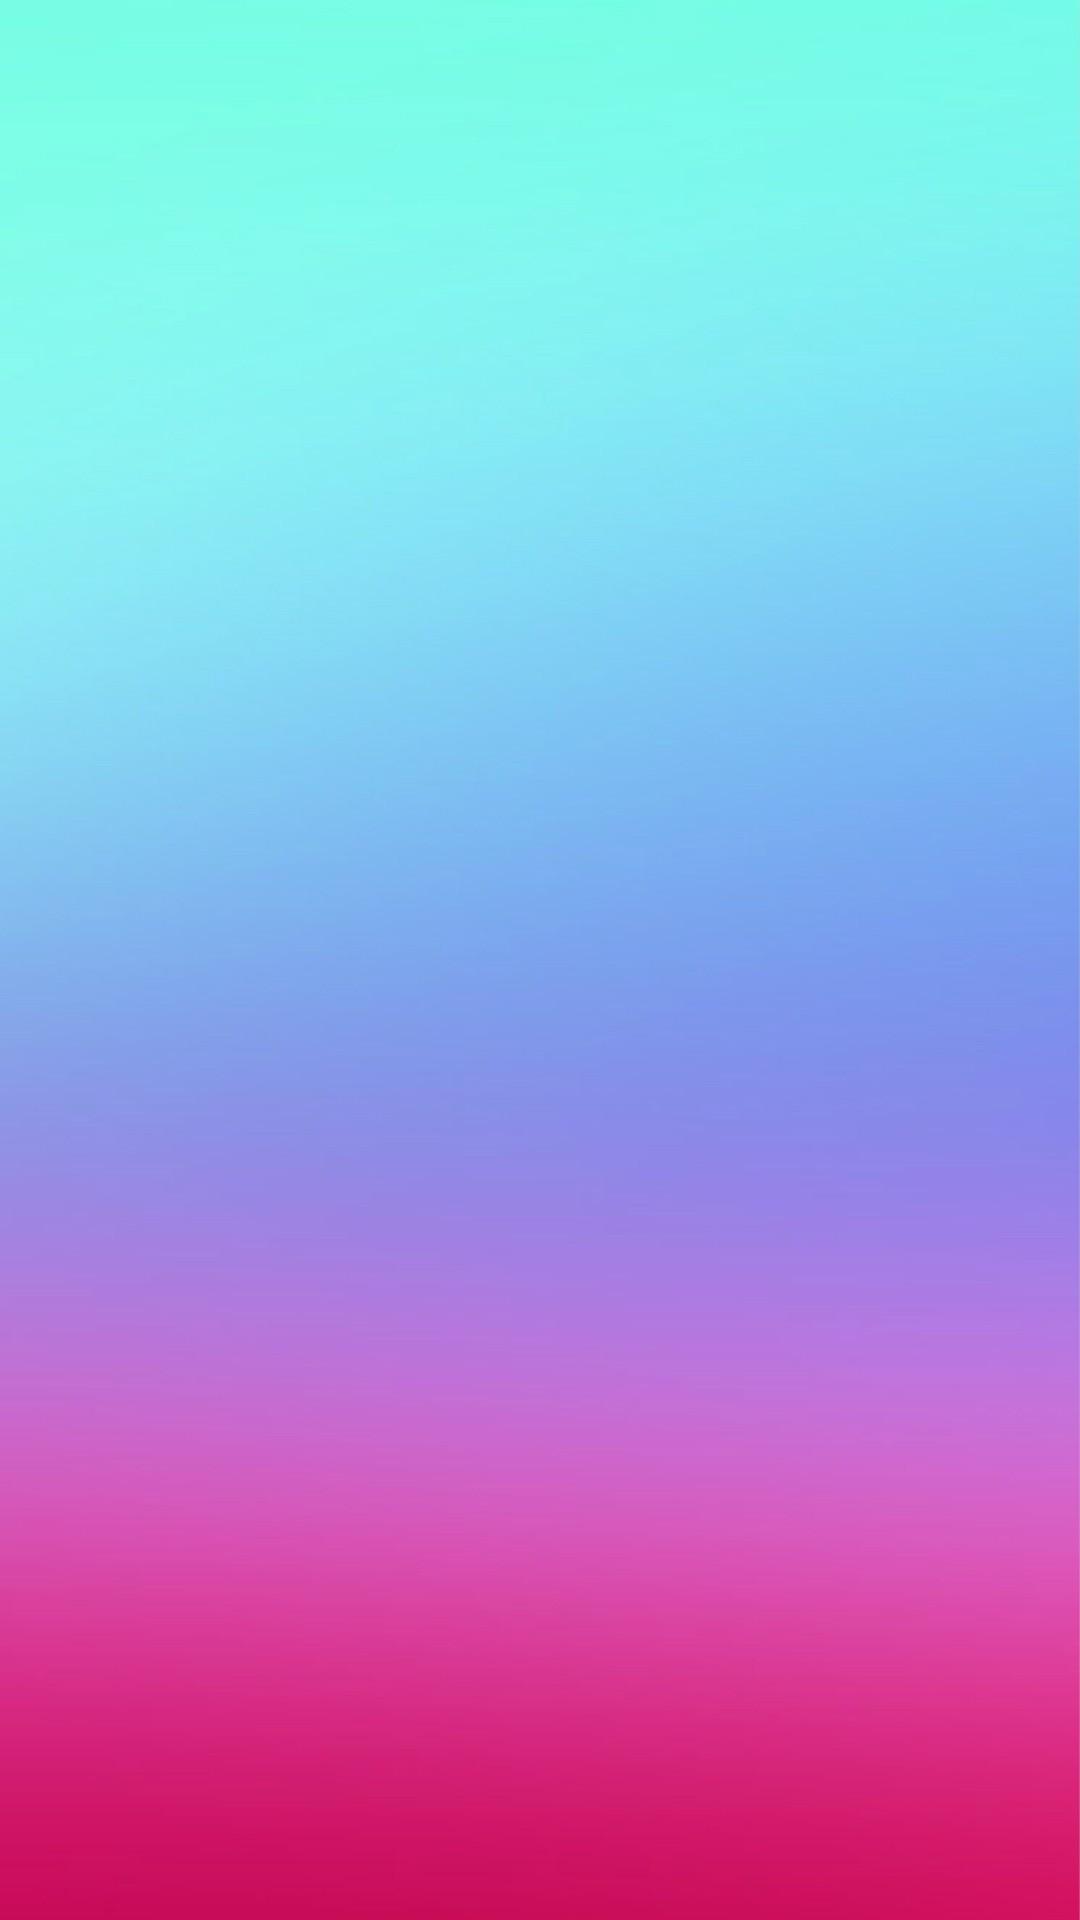 Teal wallpaper download free backgrounds for desktop - Color gradation wallpaper ...